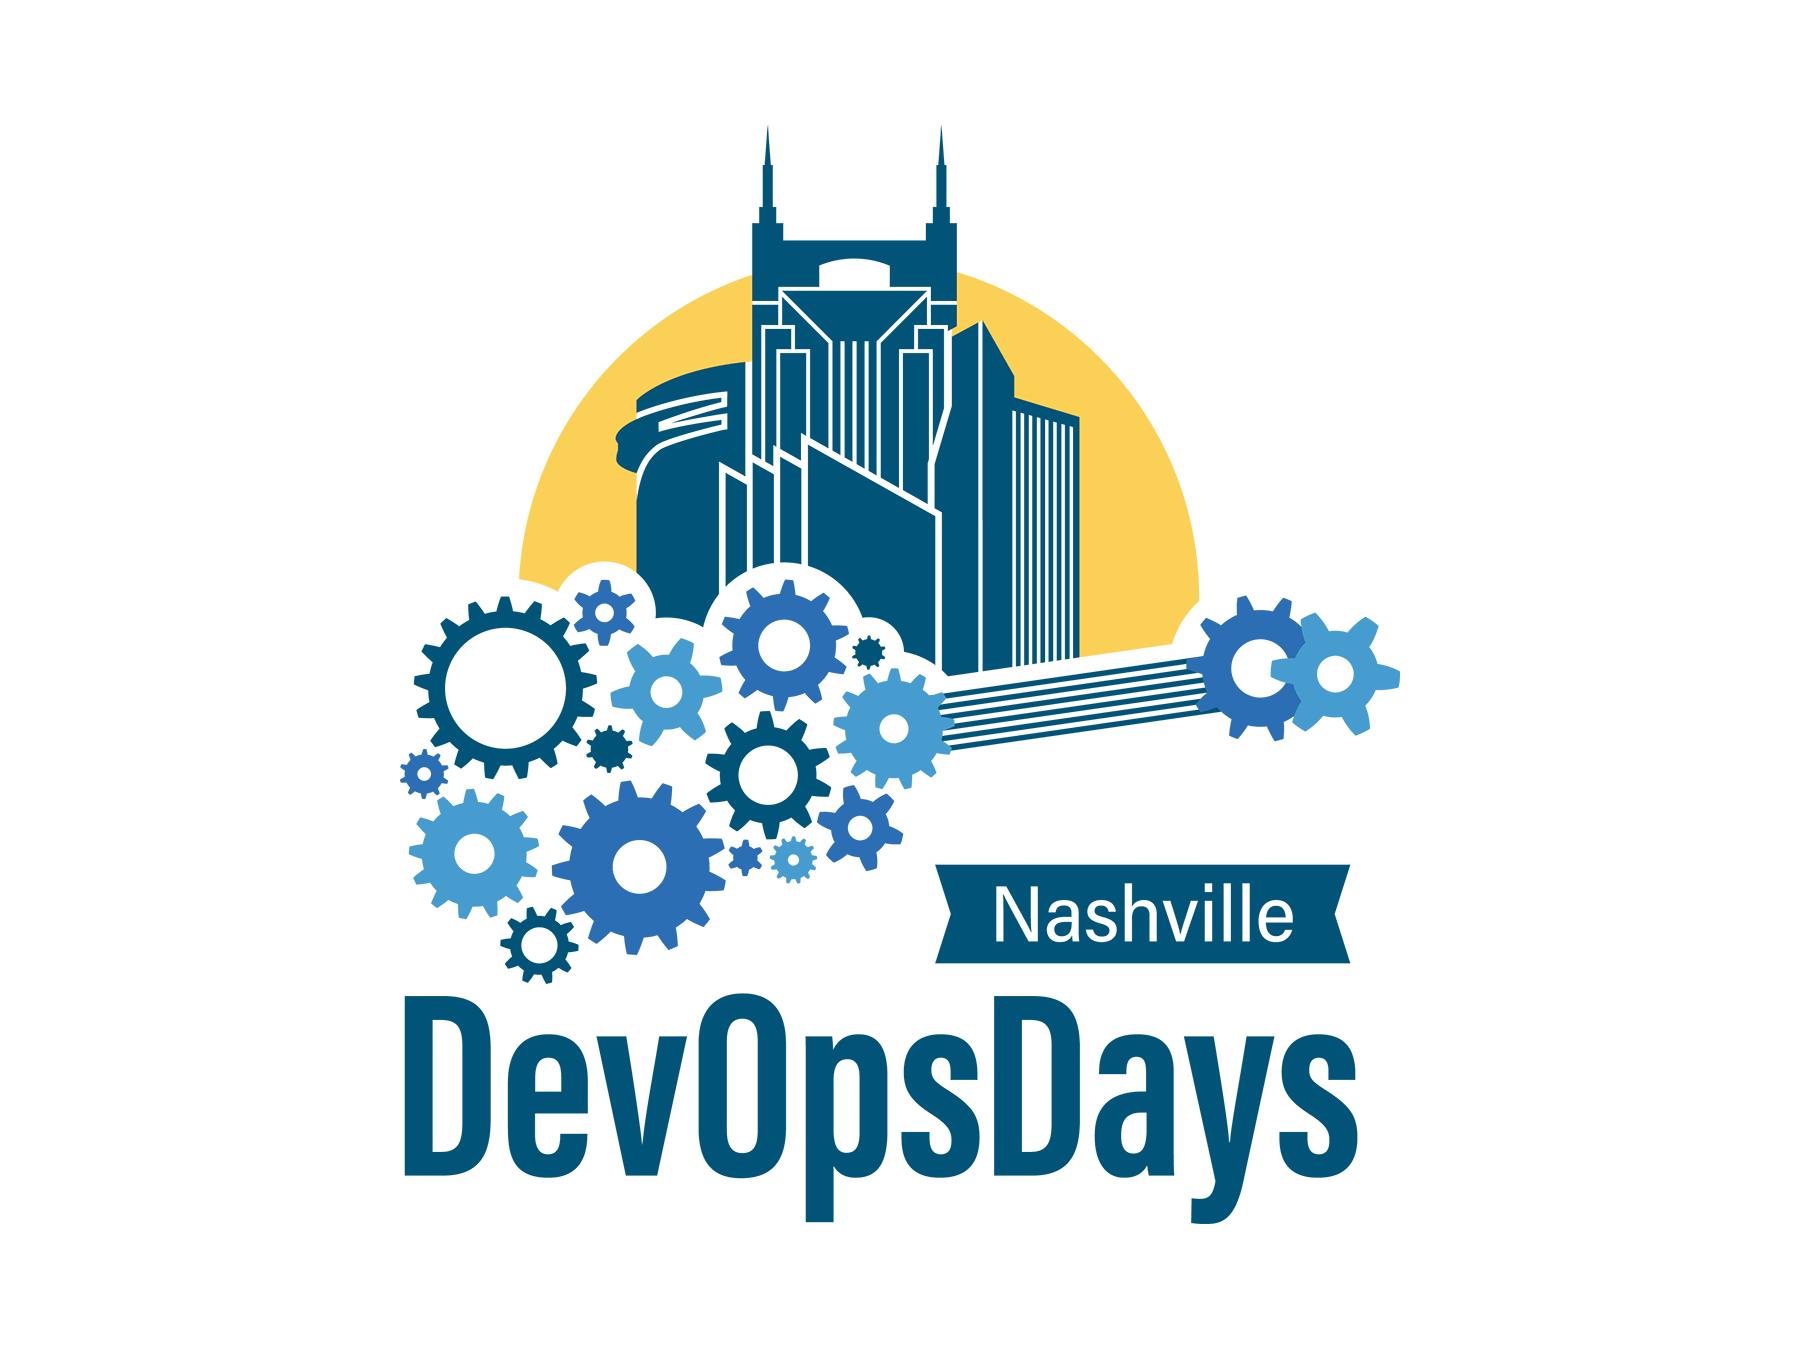 devopsdays Nashville 2019